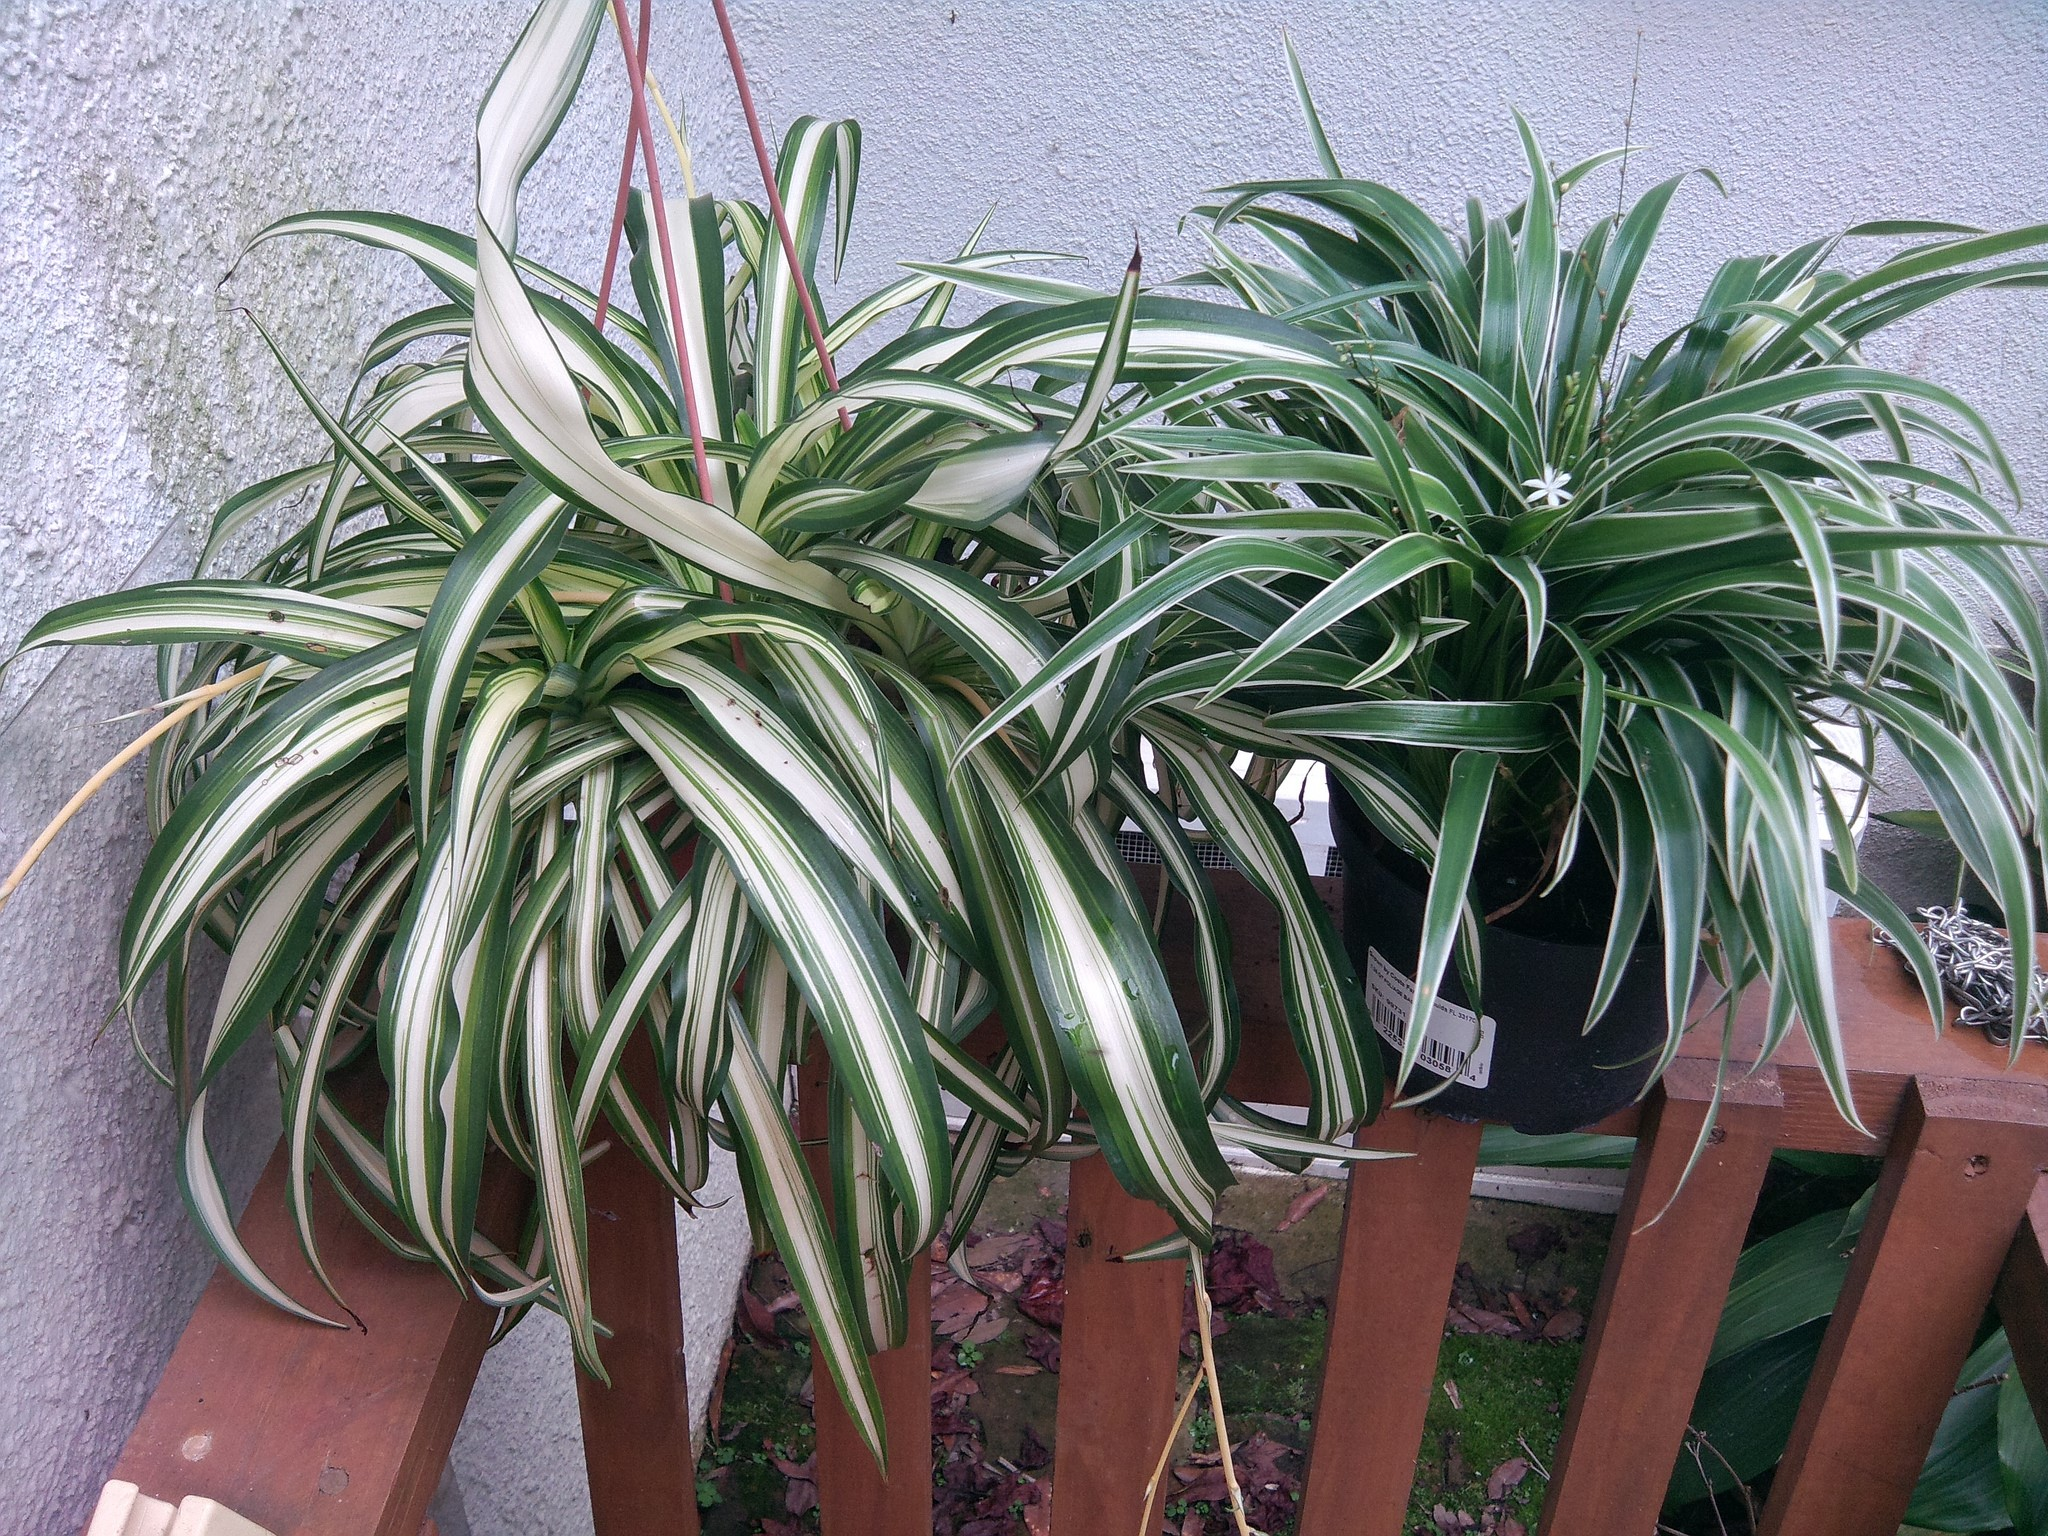 Chlorophytum1.jpg